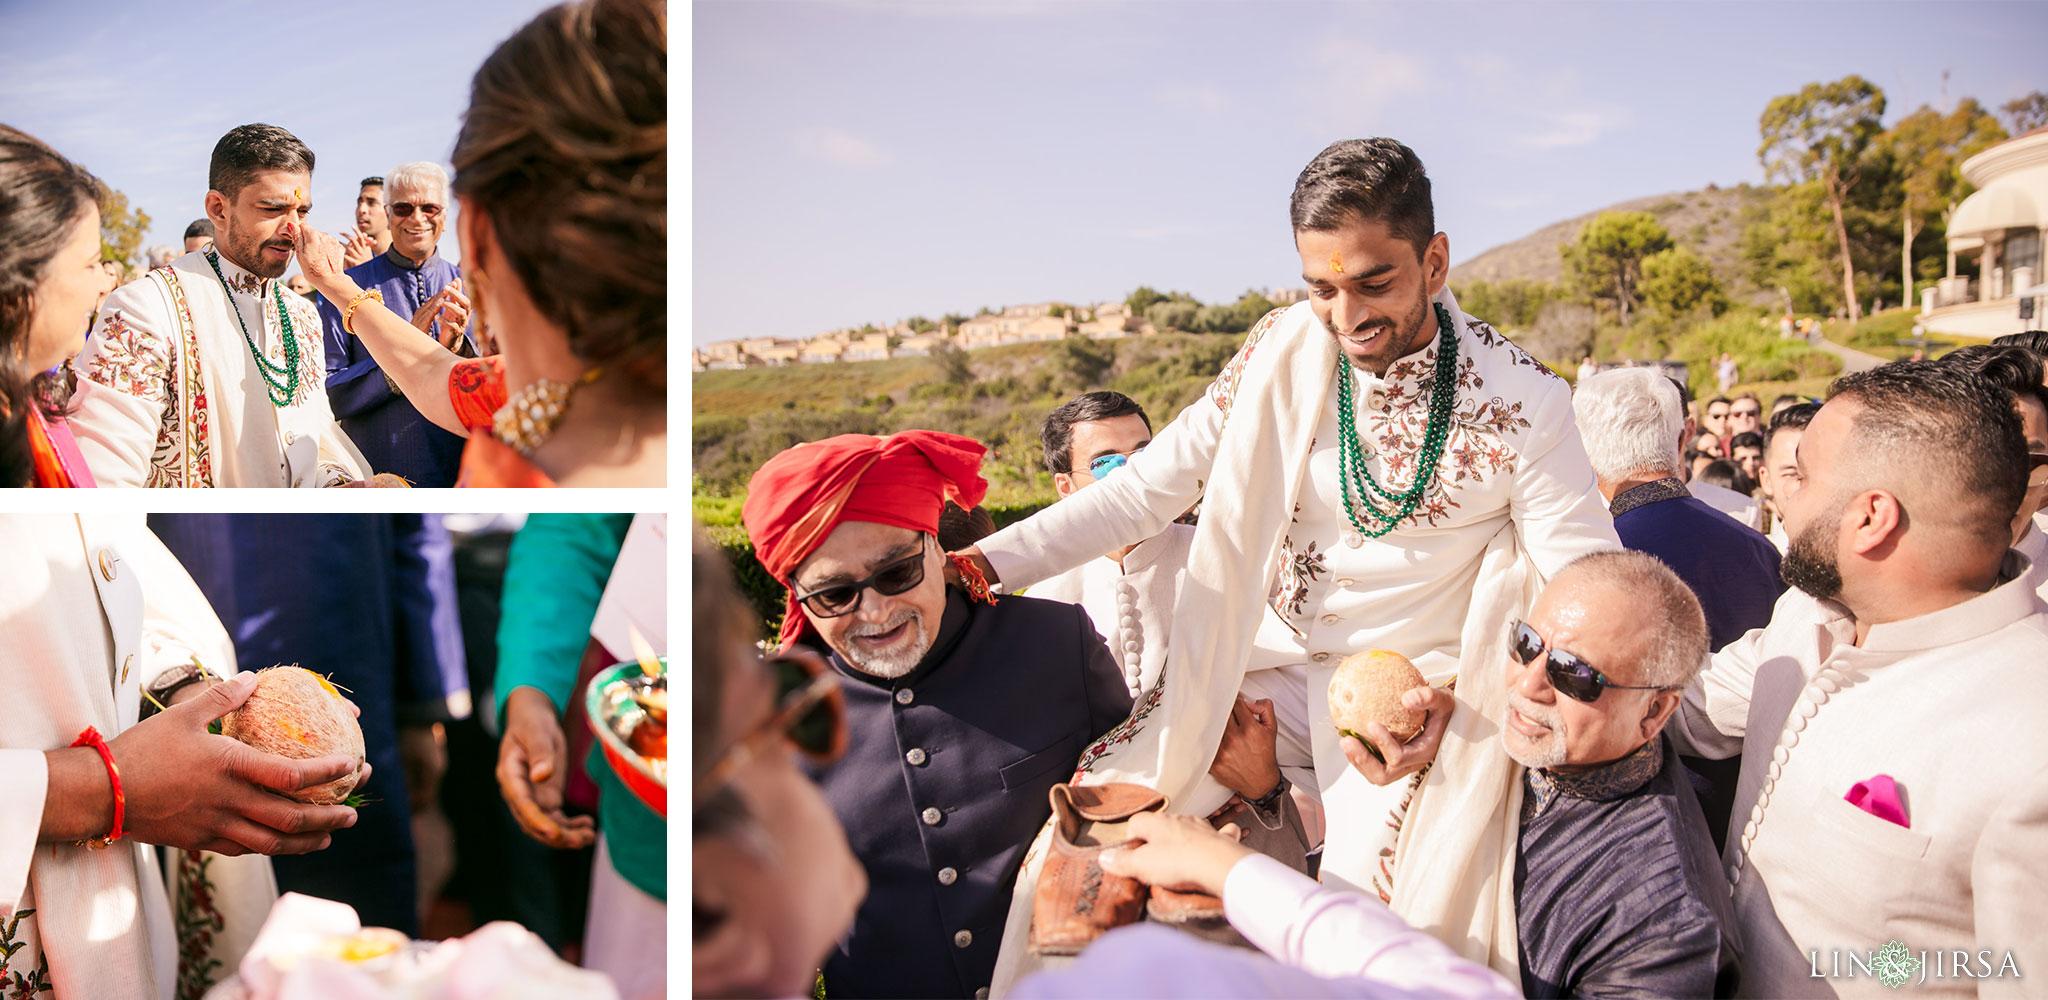 25 pelican hill resort orange county indian wedding photographer